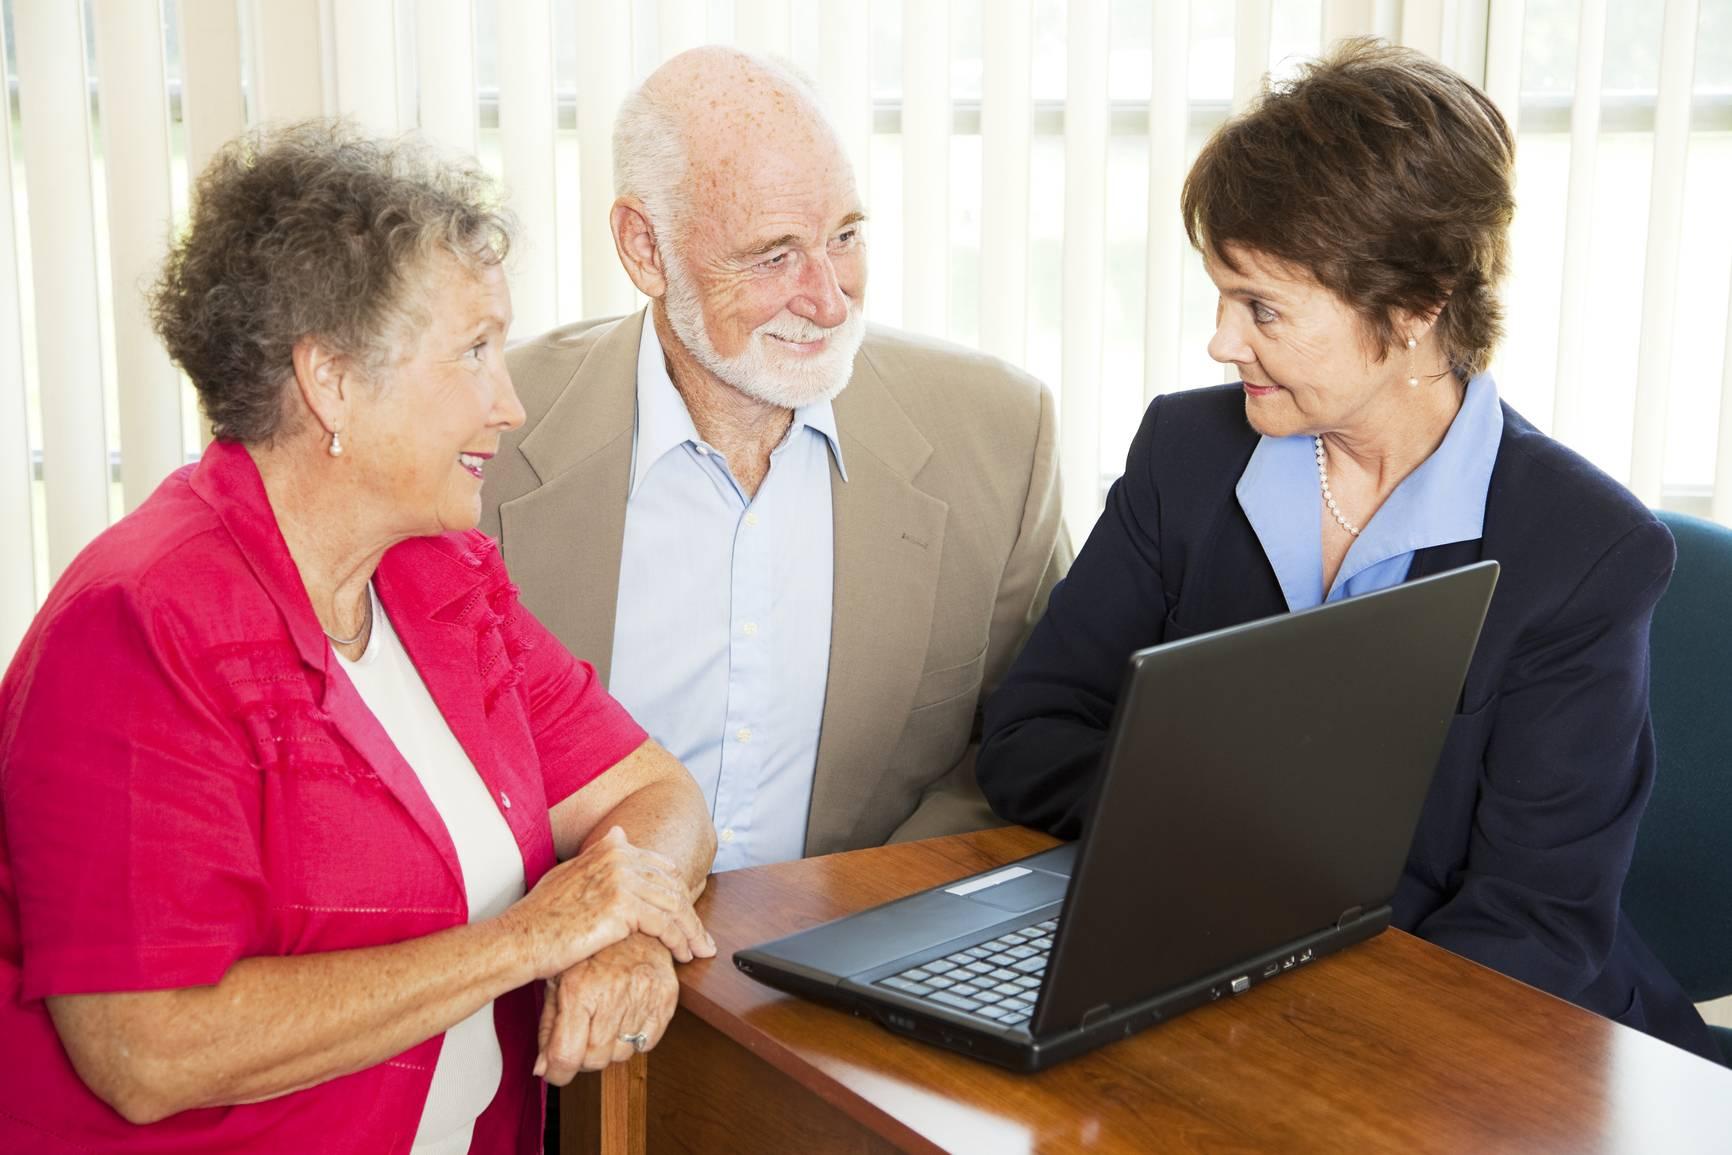 Where To Meet Jewish Seniors In The Uk